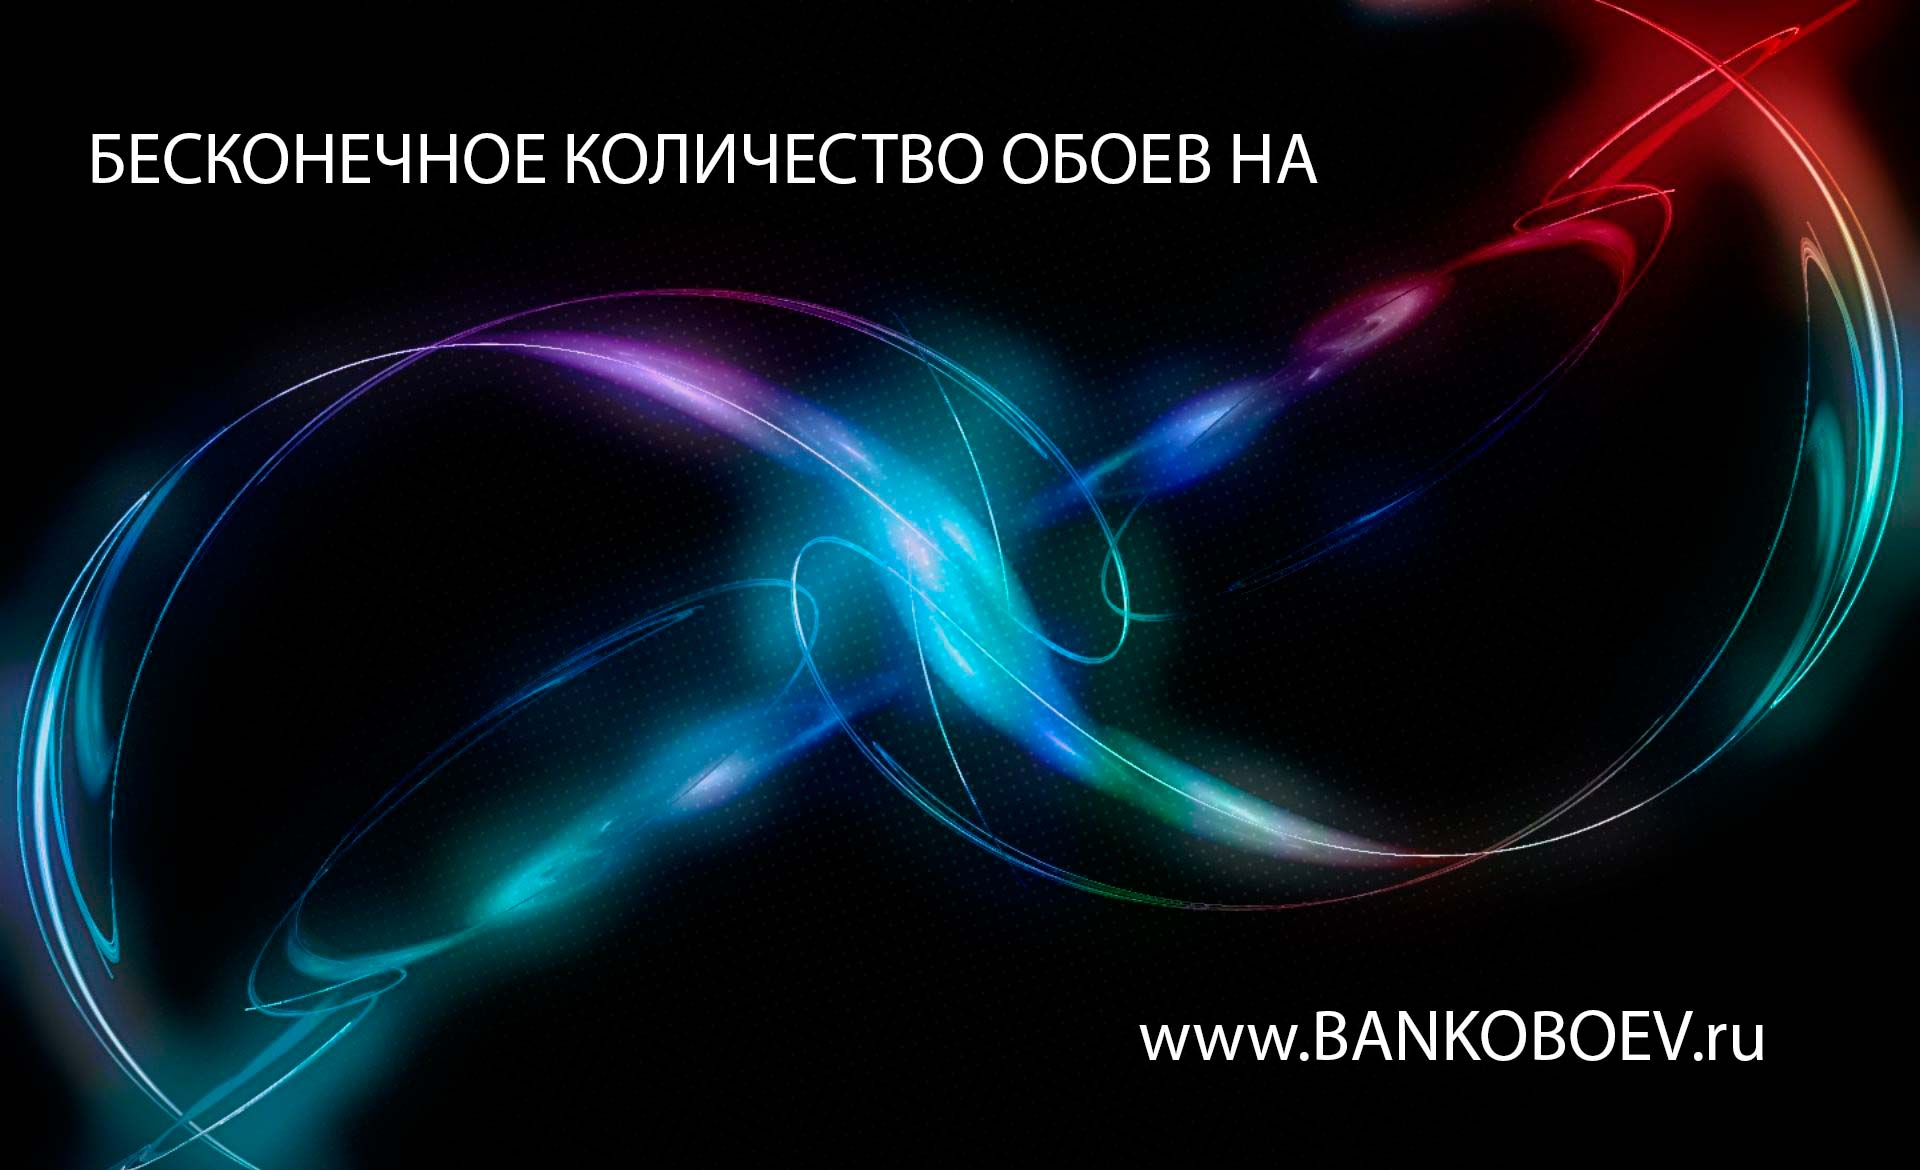 Source httpwwwbankoboevruimagesNTM3MjYBankoboevRu 1920x1170